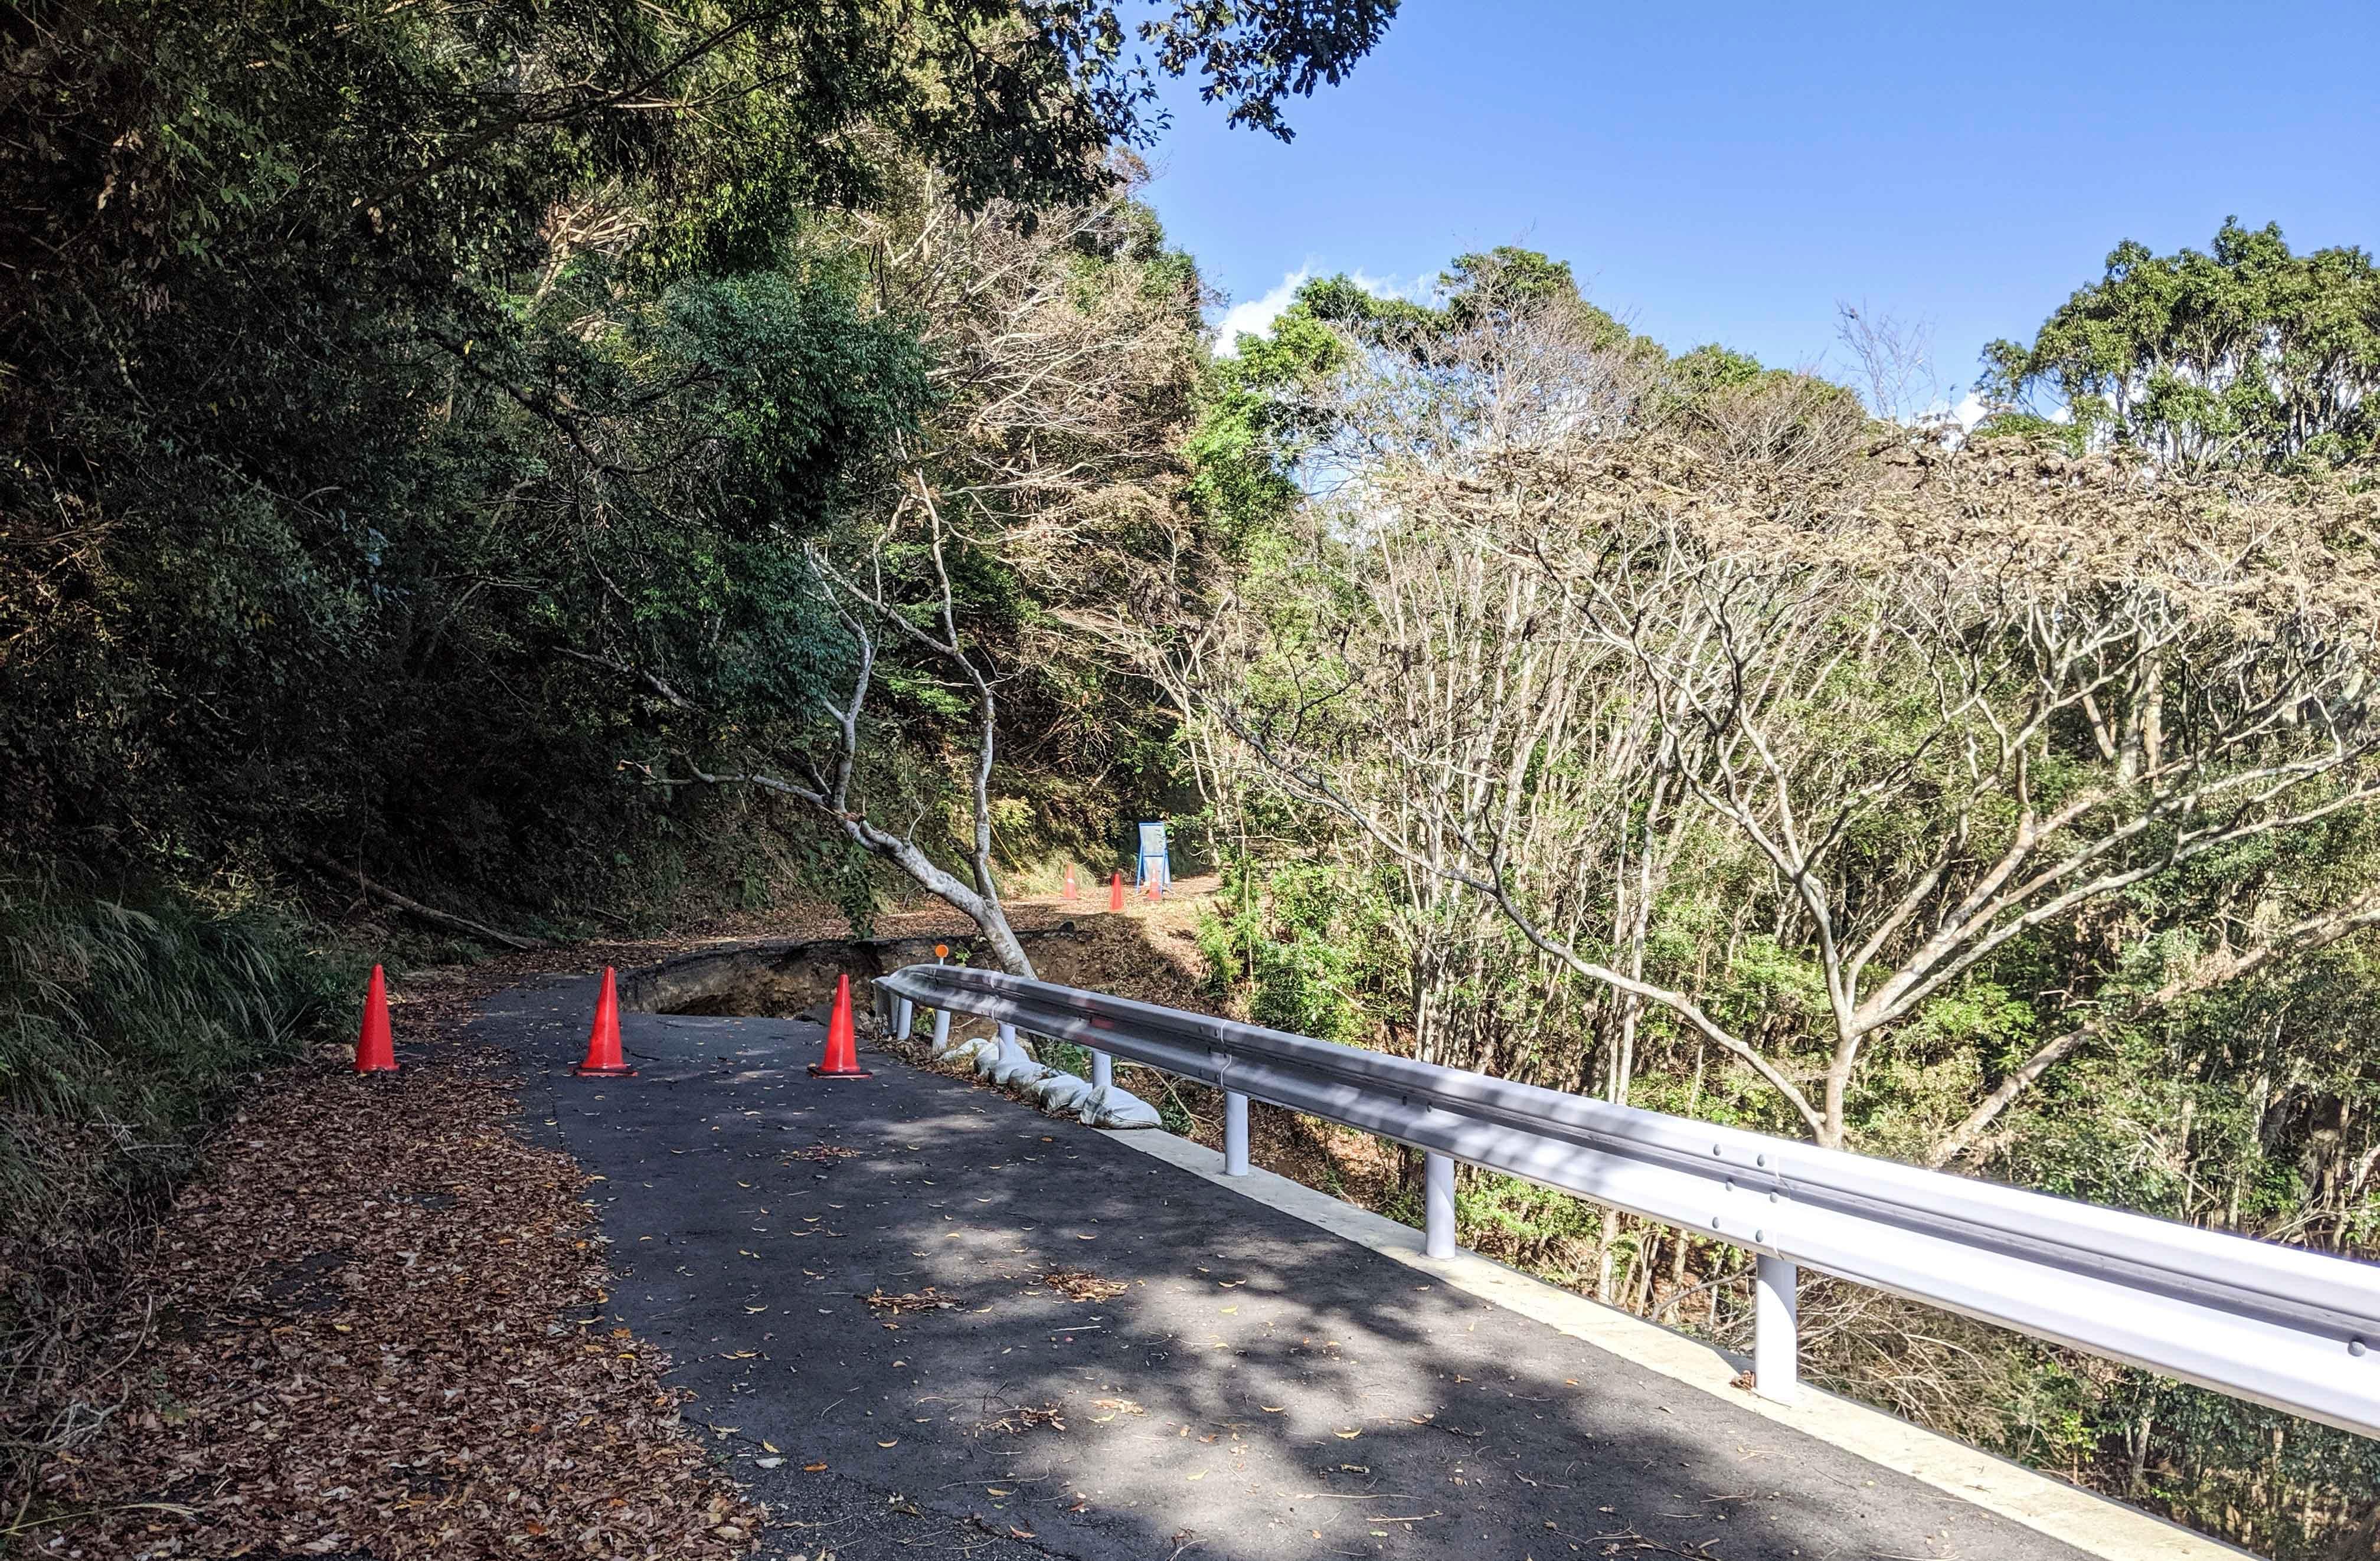 内浦山の林道、台風で路肩決壊してまた通行止め